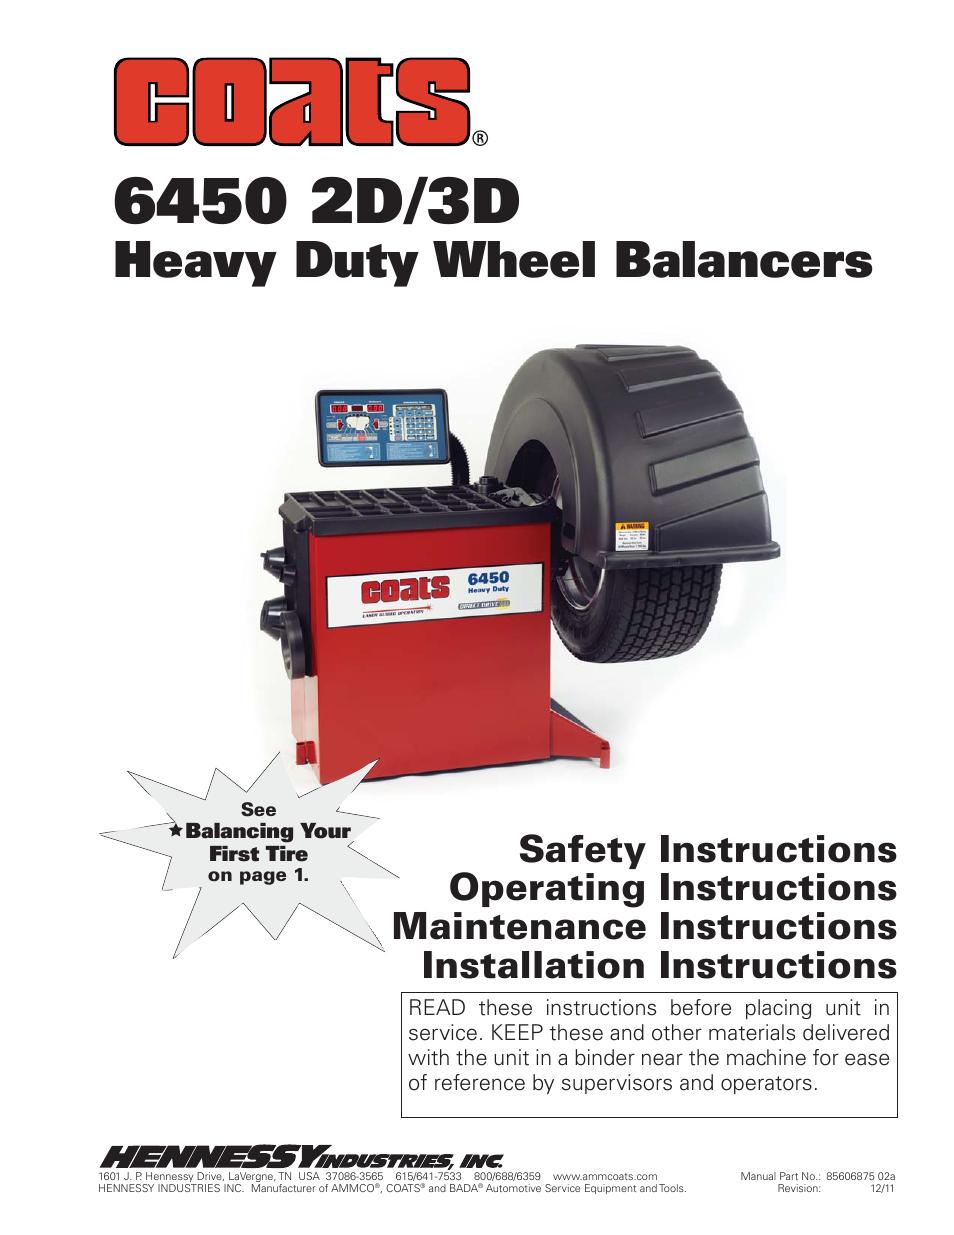 coats 6450 3d user manual 28 pages rh manualsdir com coats 600 wheel  balancer manual coats 875 wheel balancer calibration